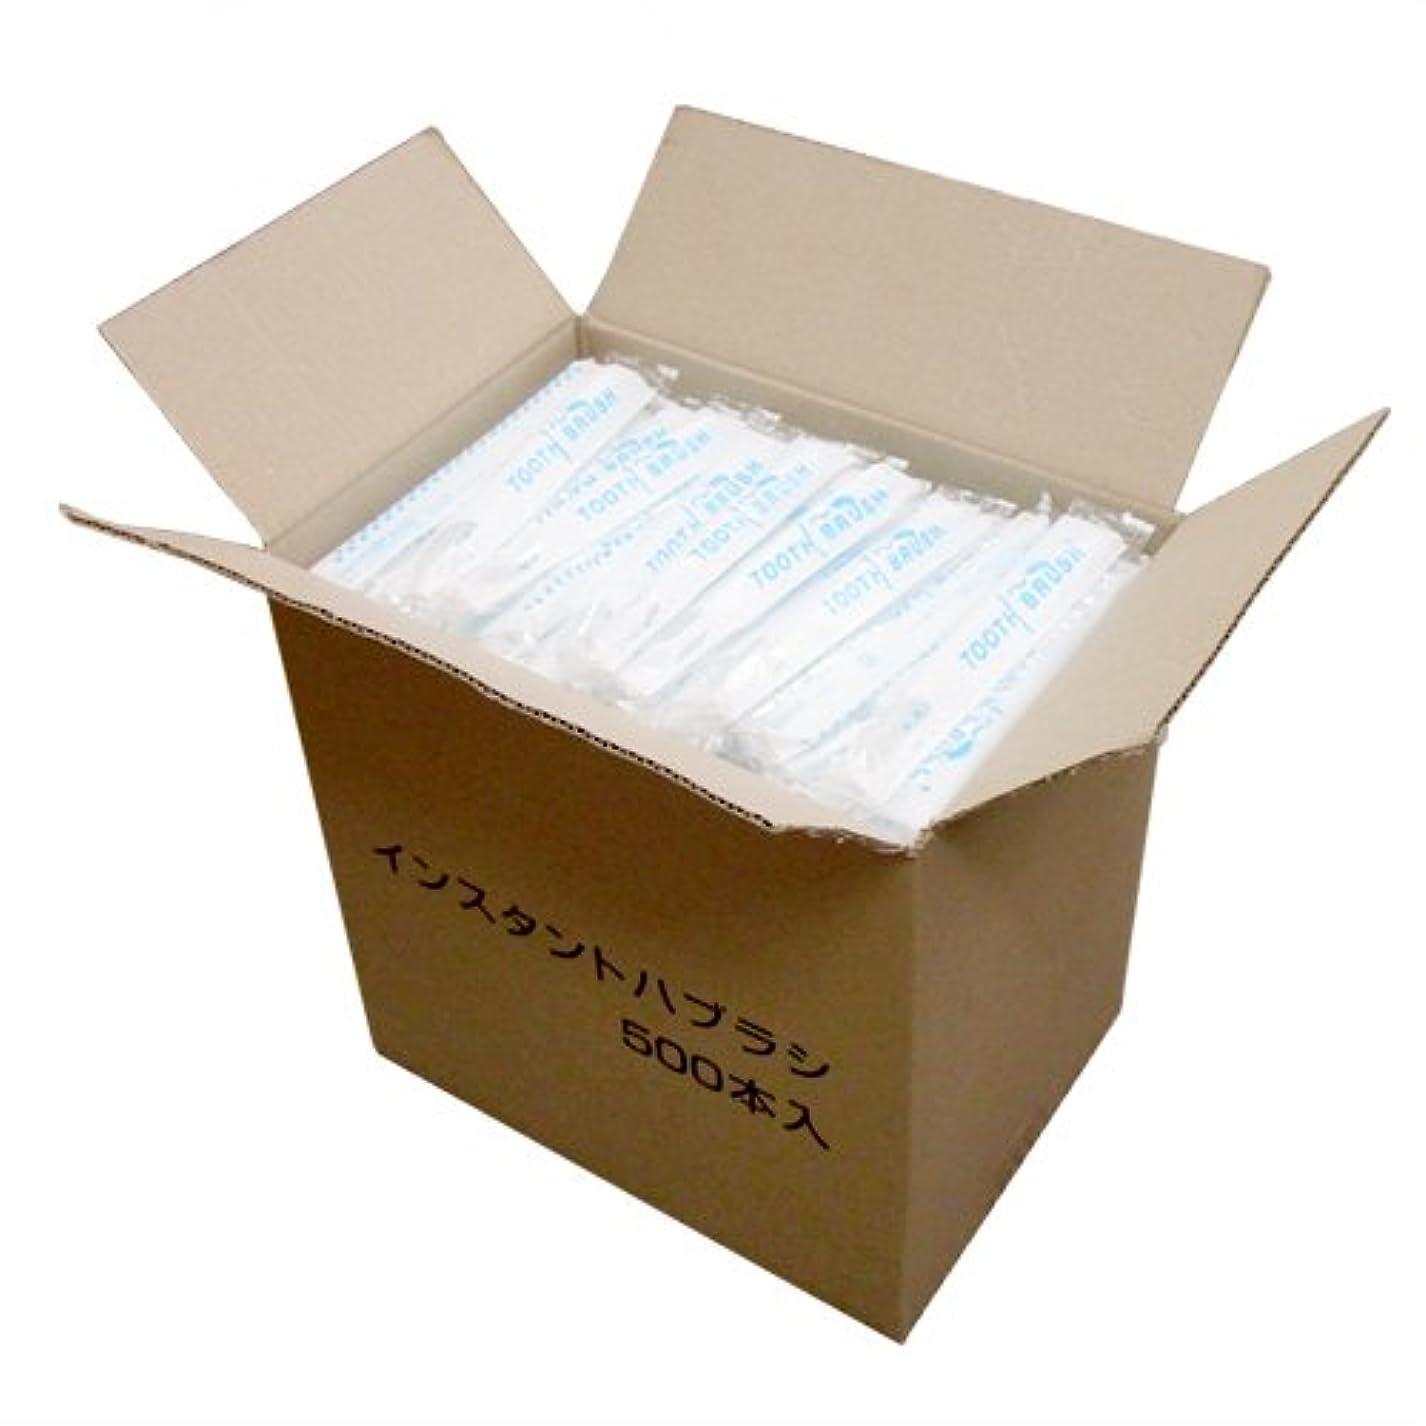 対角線震え周術期業務用 日本製 使い捨て粉付き歯ブラシ 個包装タイプ 500本入×1箱│ホテルアメニティ